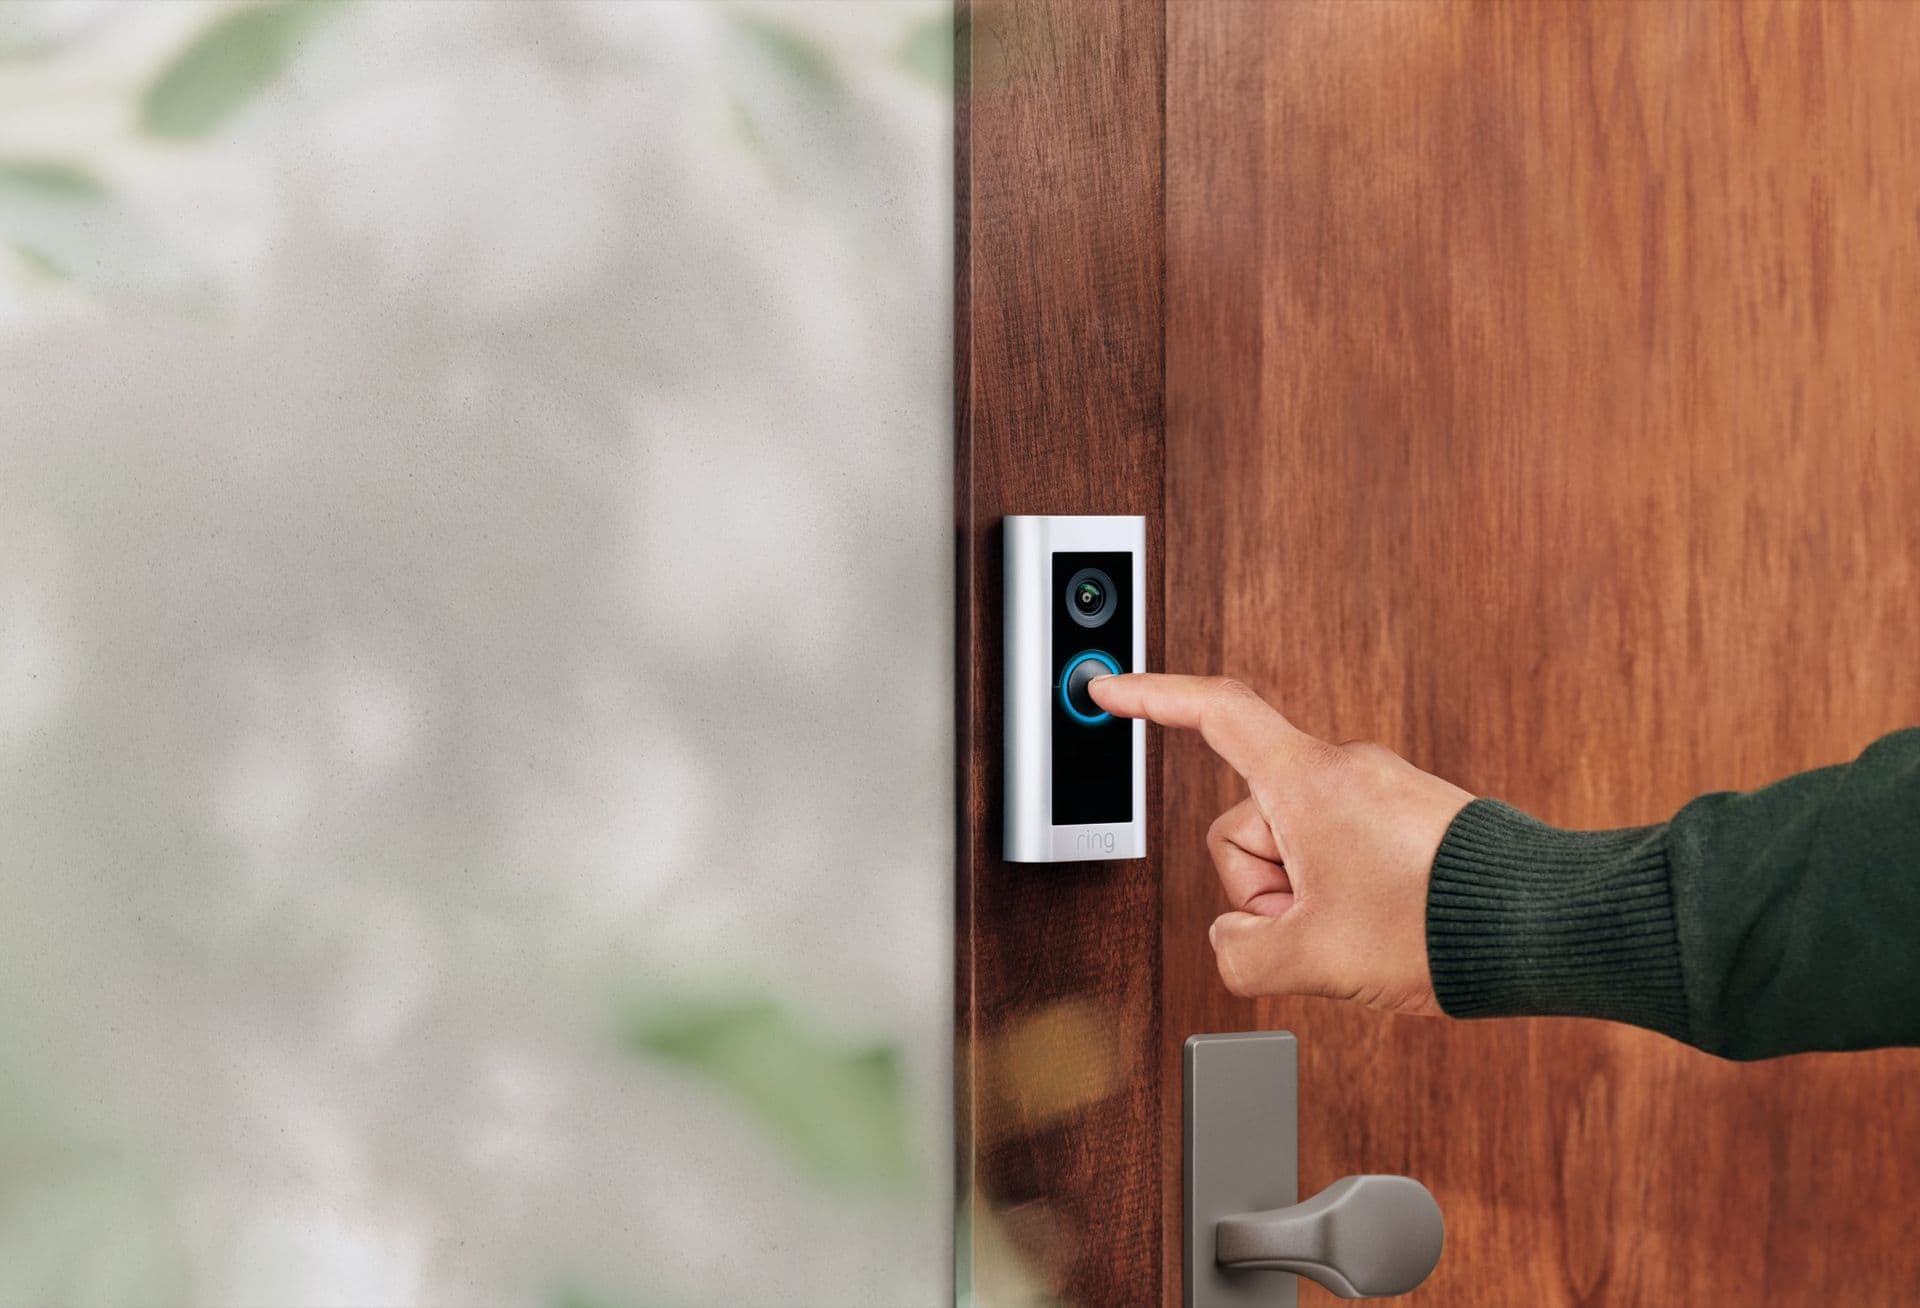 Ring has now presented Video Doorbell Pro 2